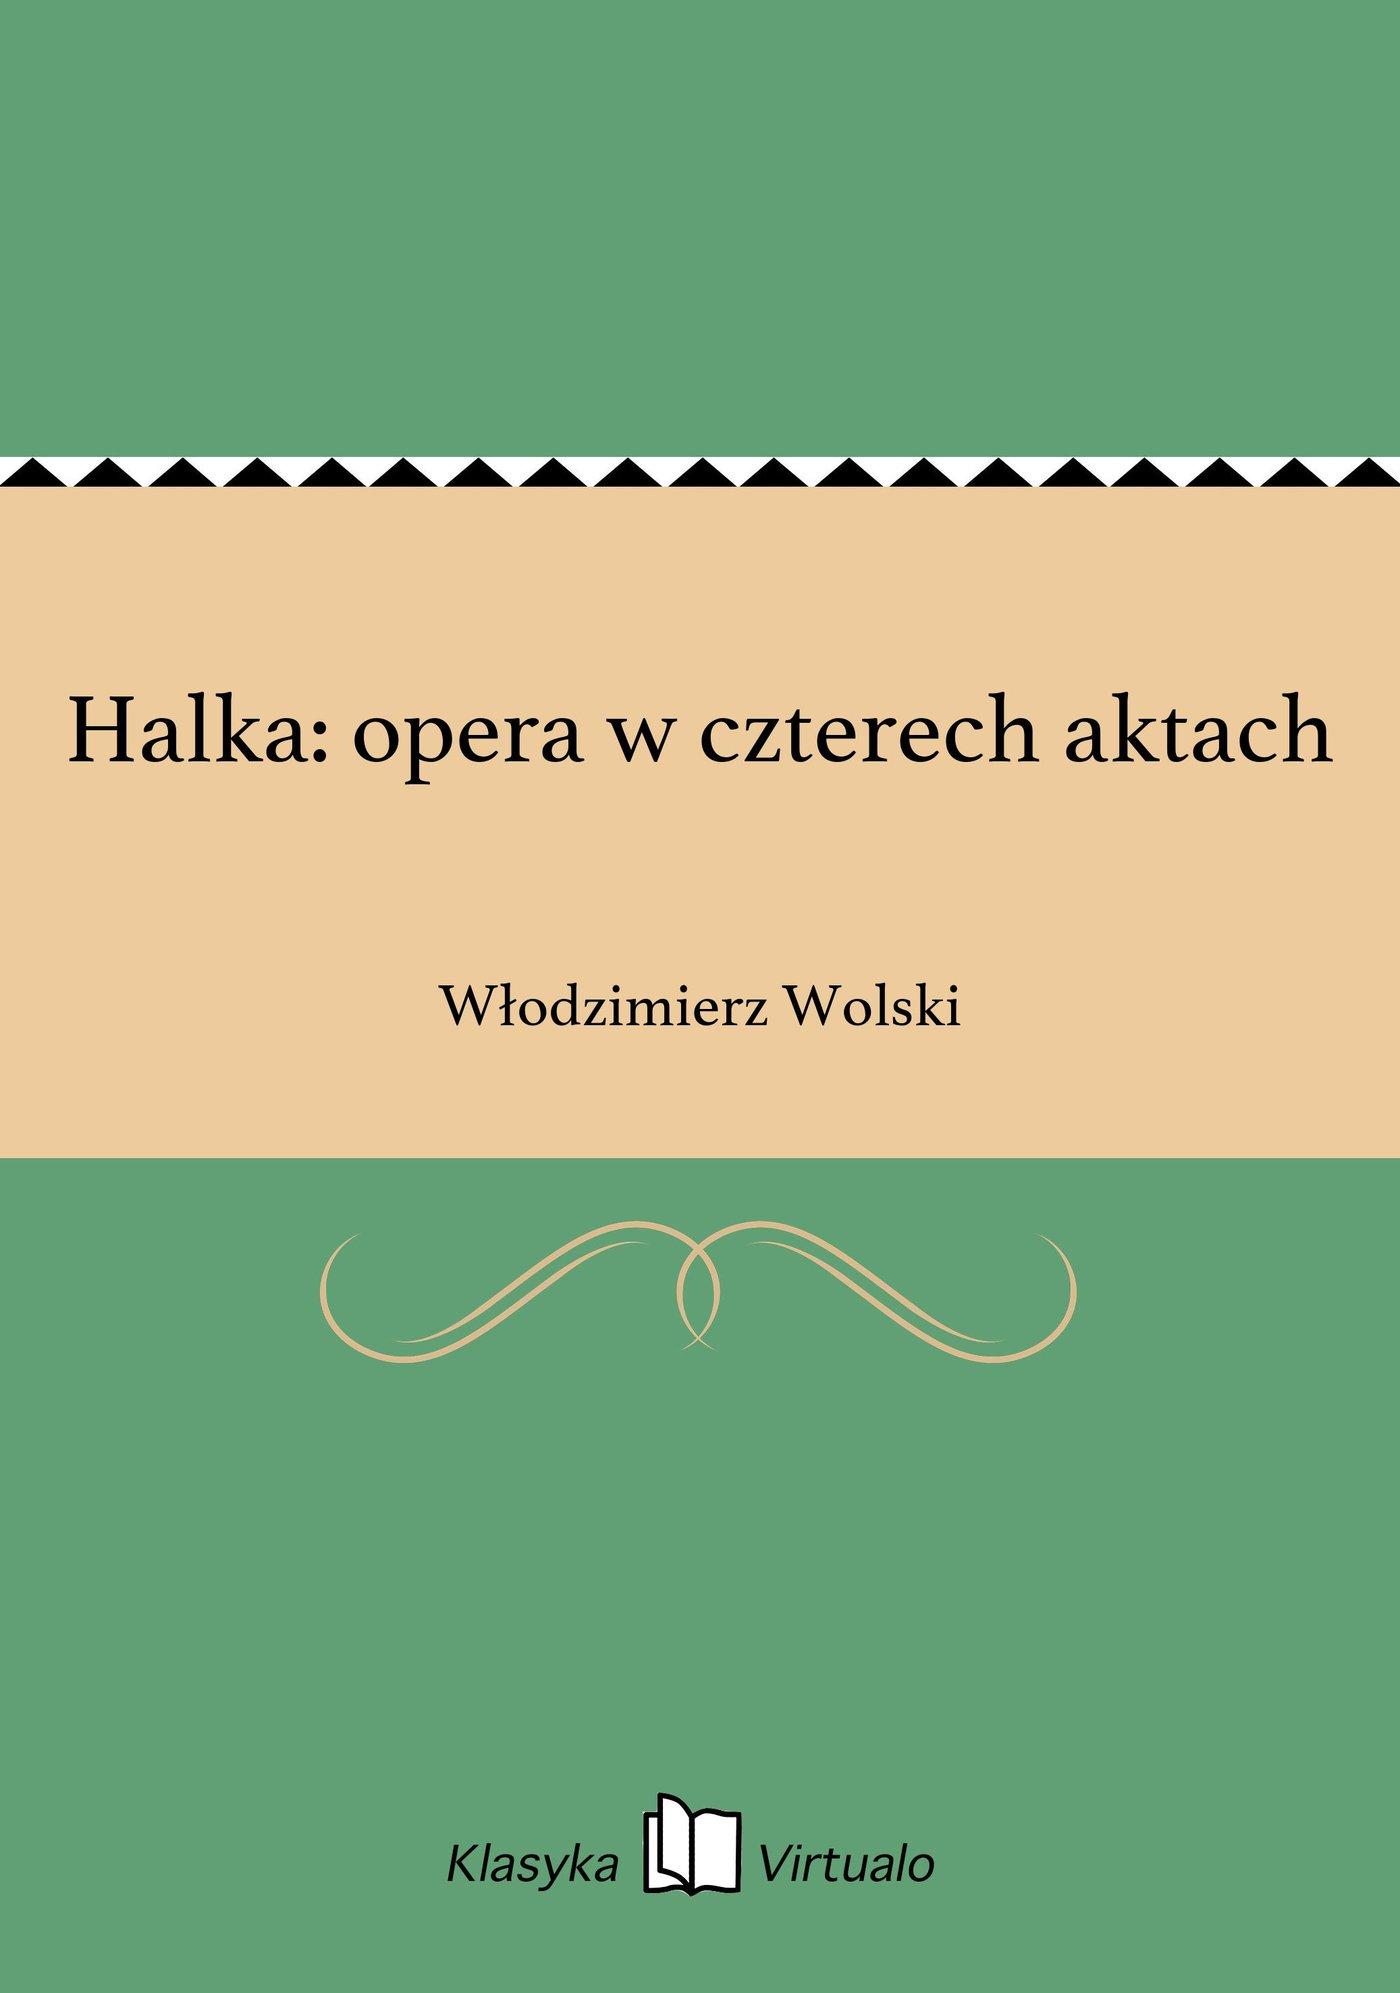 Halka: opera w czterech aktach - Ebook (Książka EPUB) do pobrania w formacie EPUB